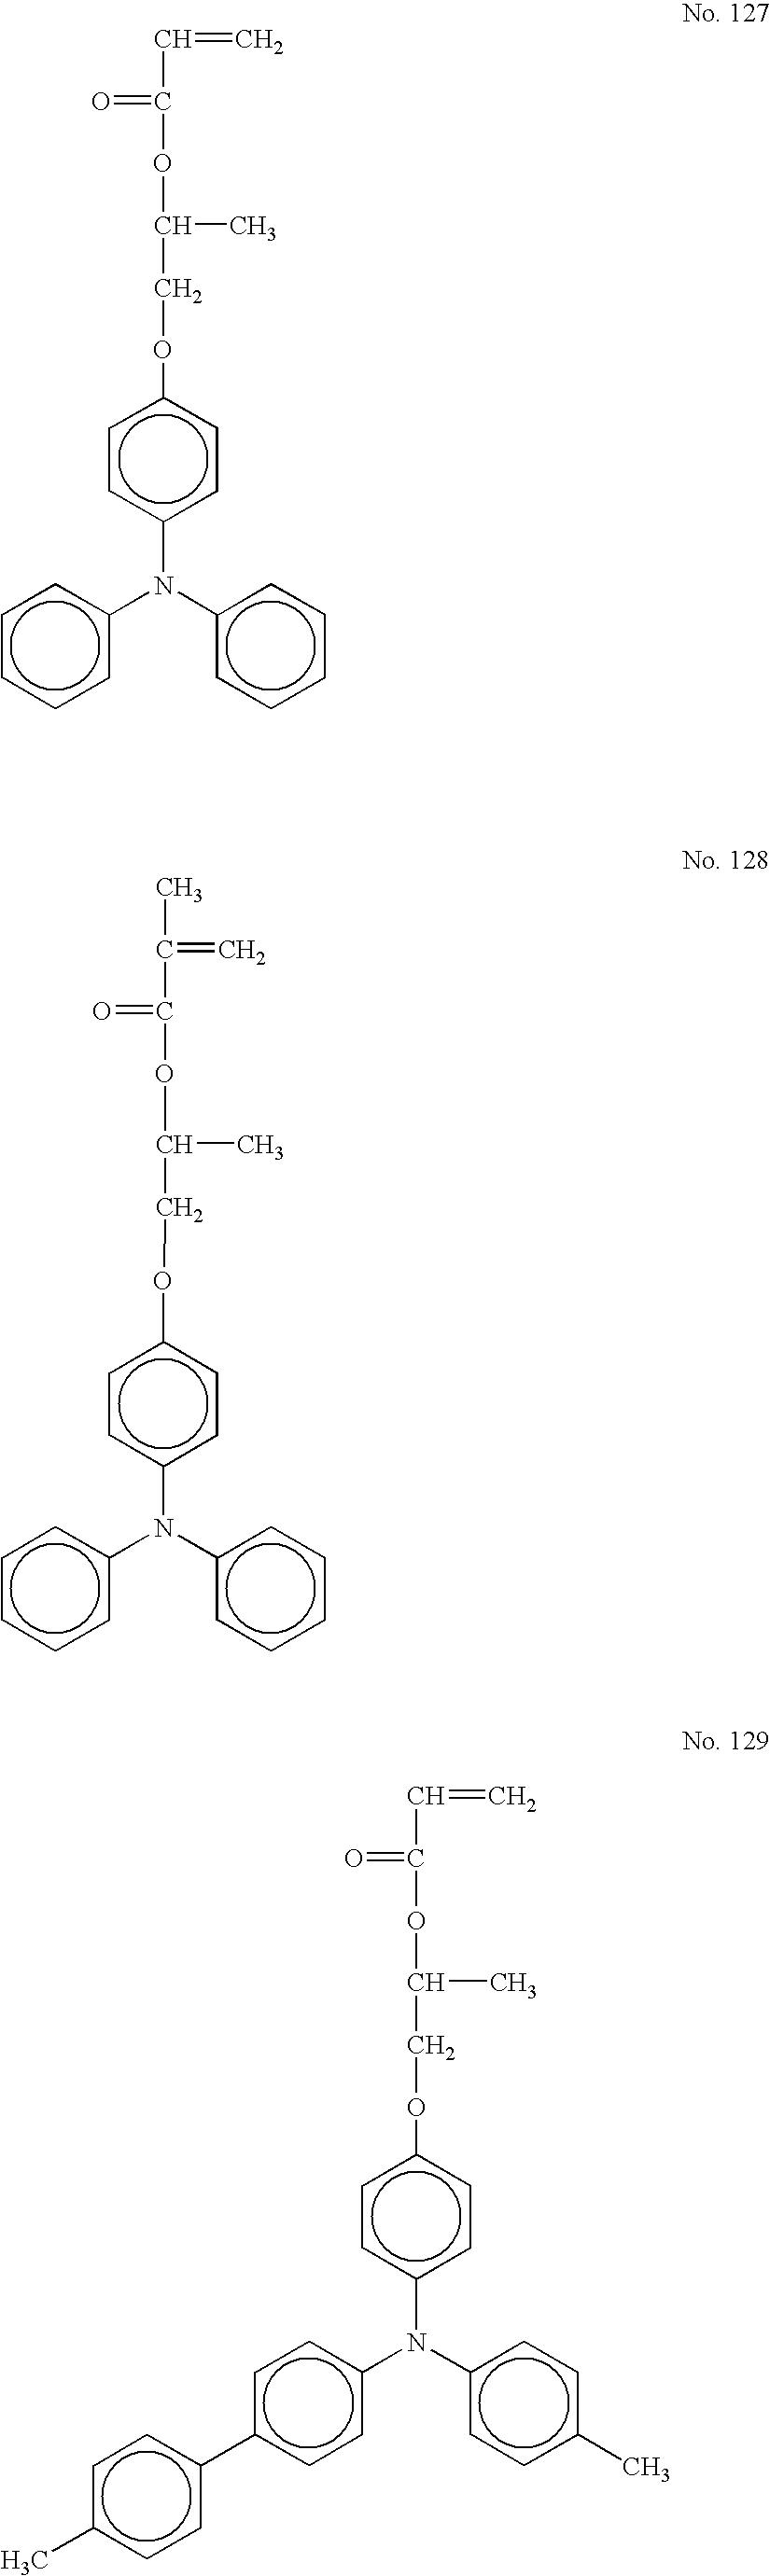 Figure US07175957-20070213-C00057